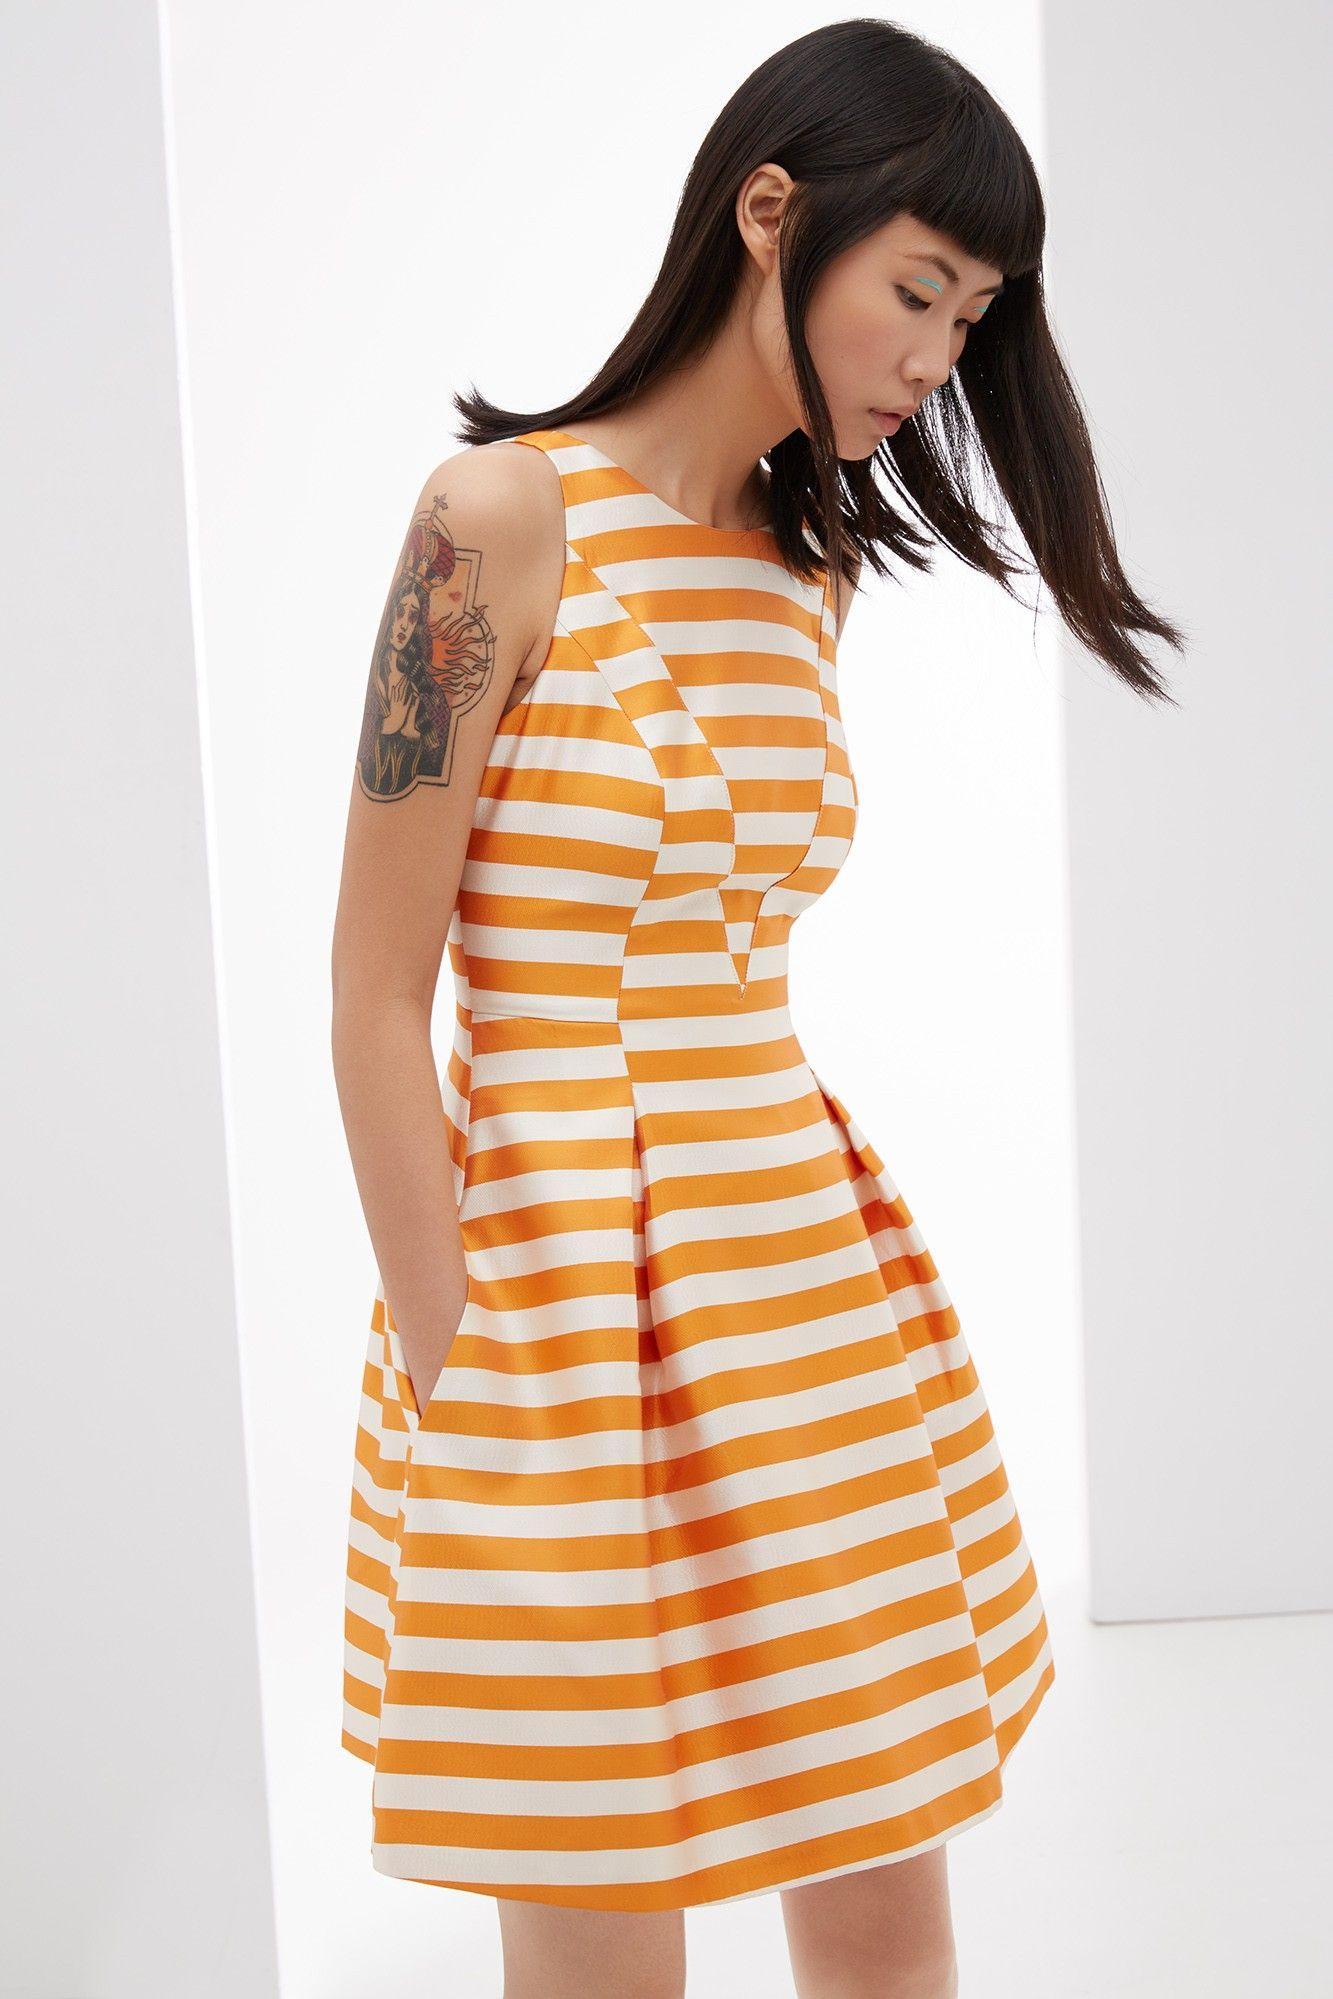 Vestido lady de rayas label nuevo adolfo dominguez for Adolfo dominguez vestidos outlet